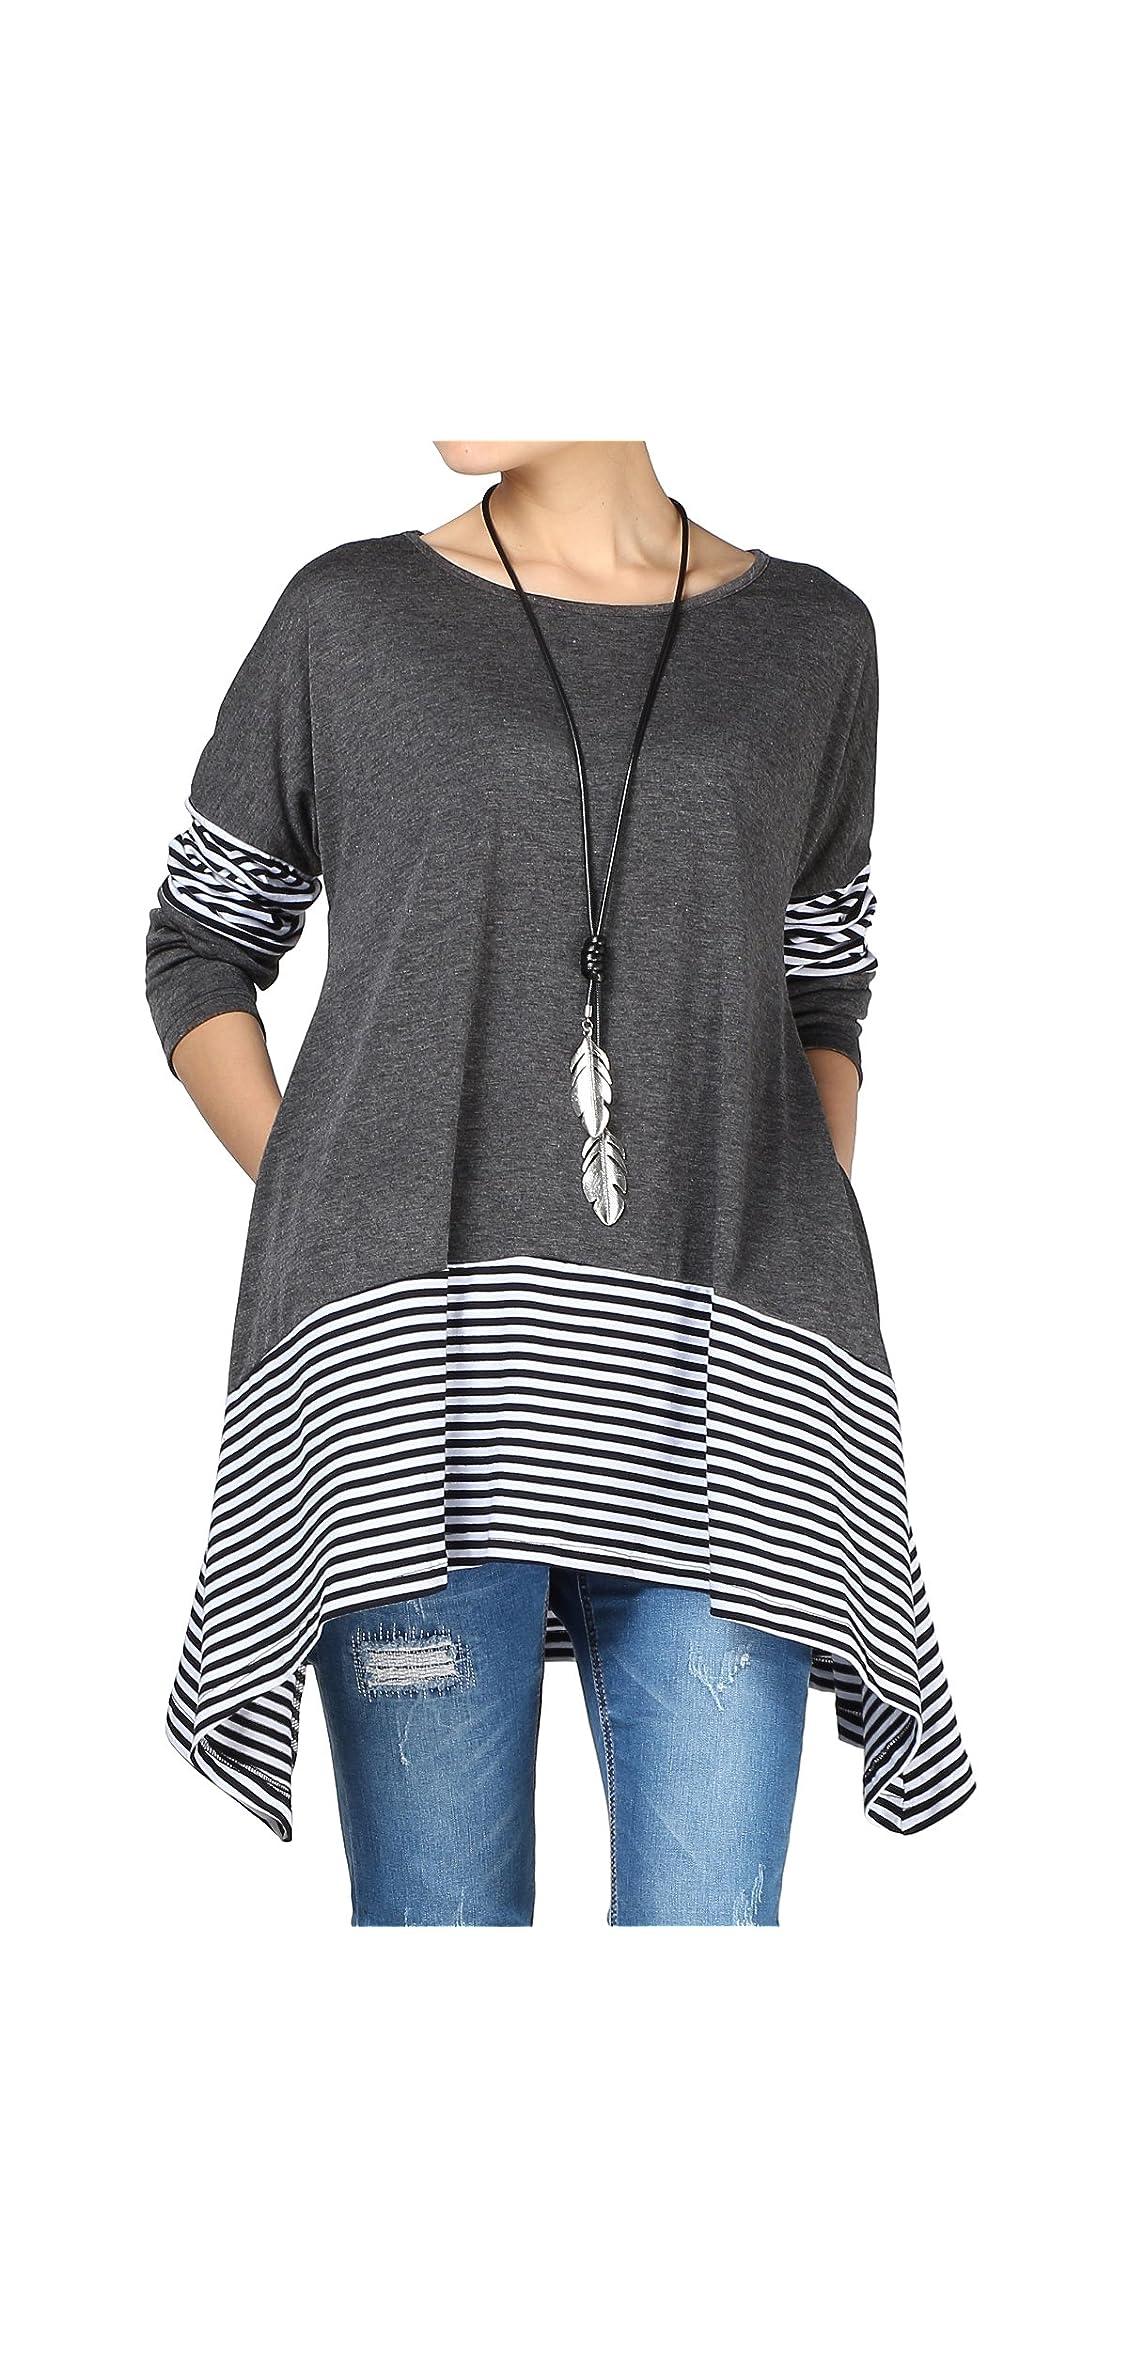 Women's Stripes Asymmetry Tunic Swing Flowy Plain Top